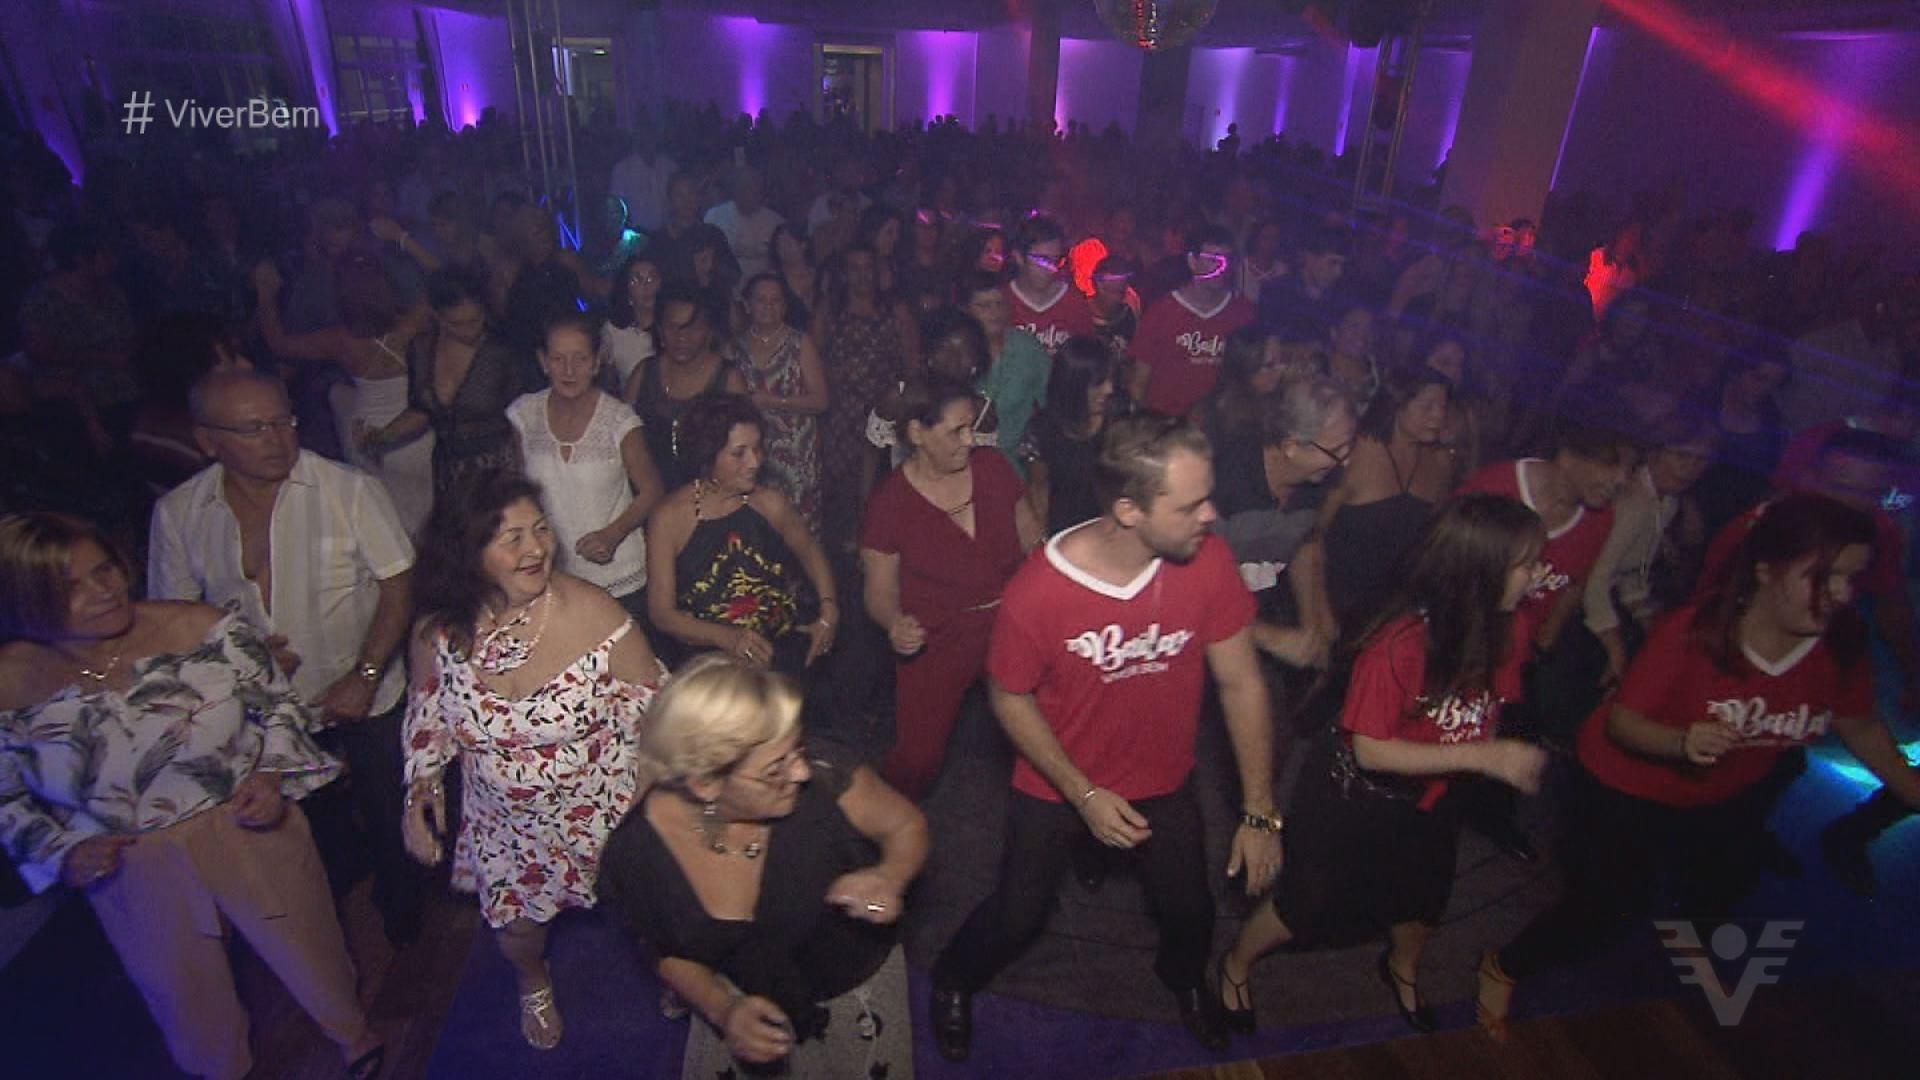 Baila Viver Bem reúne centenas de pessoas na 3ª edição em Santos, SP